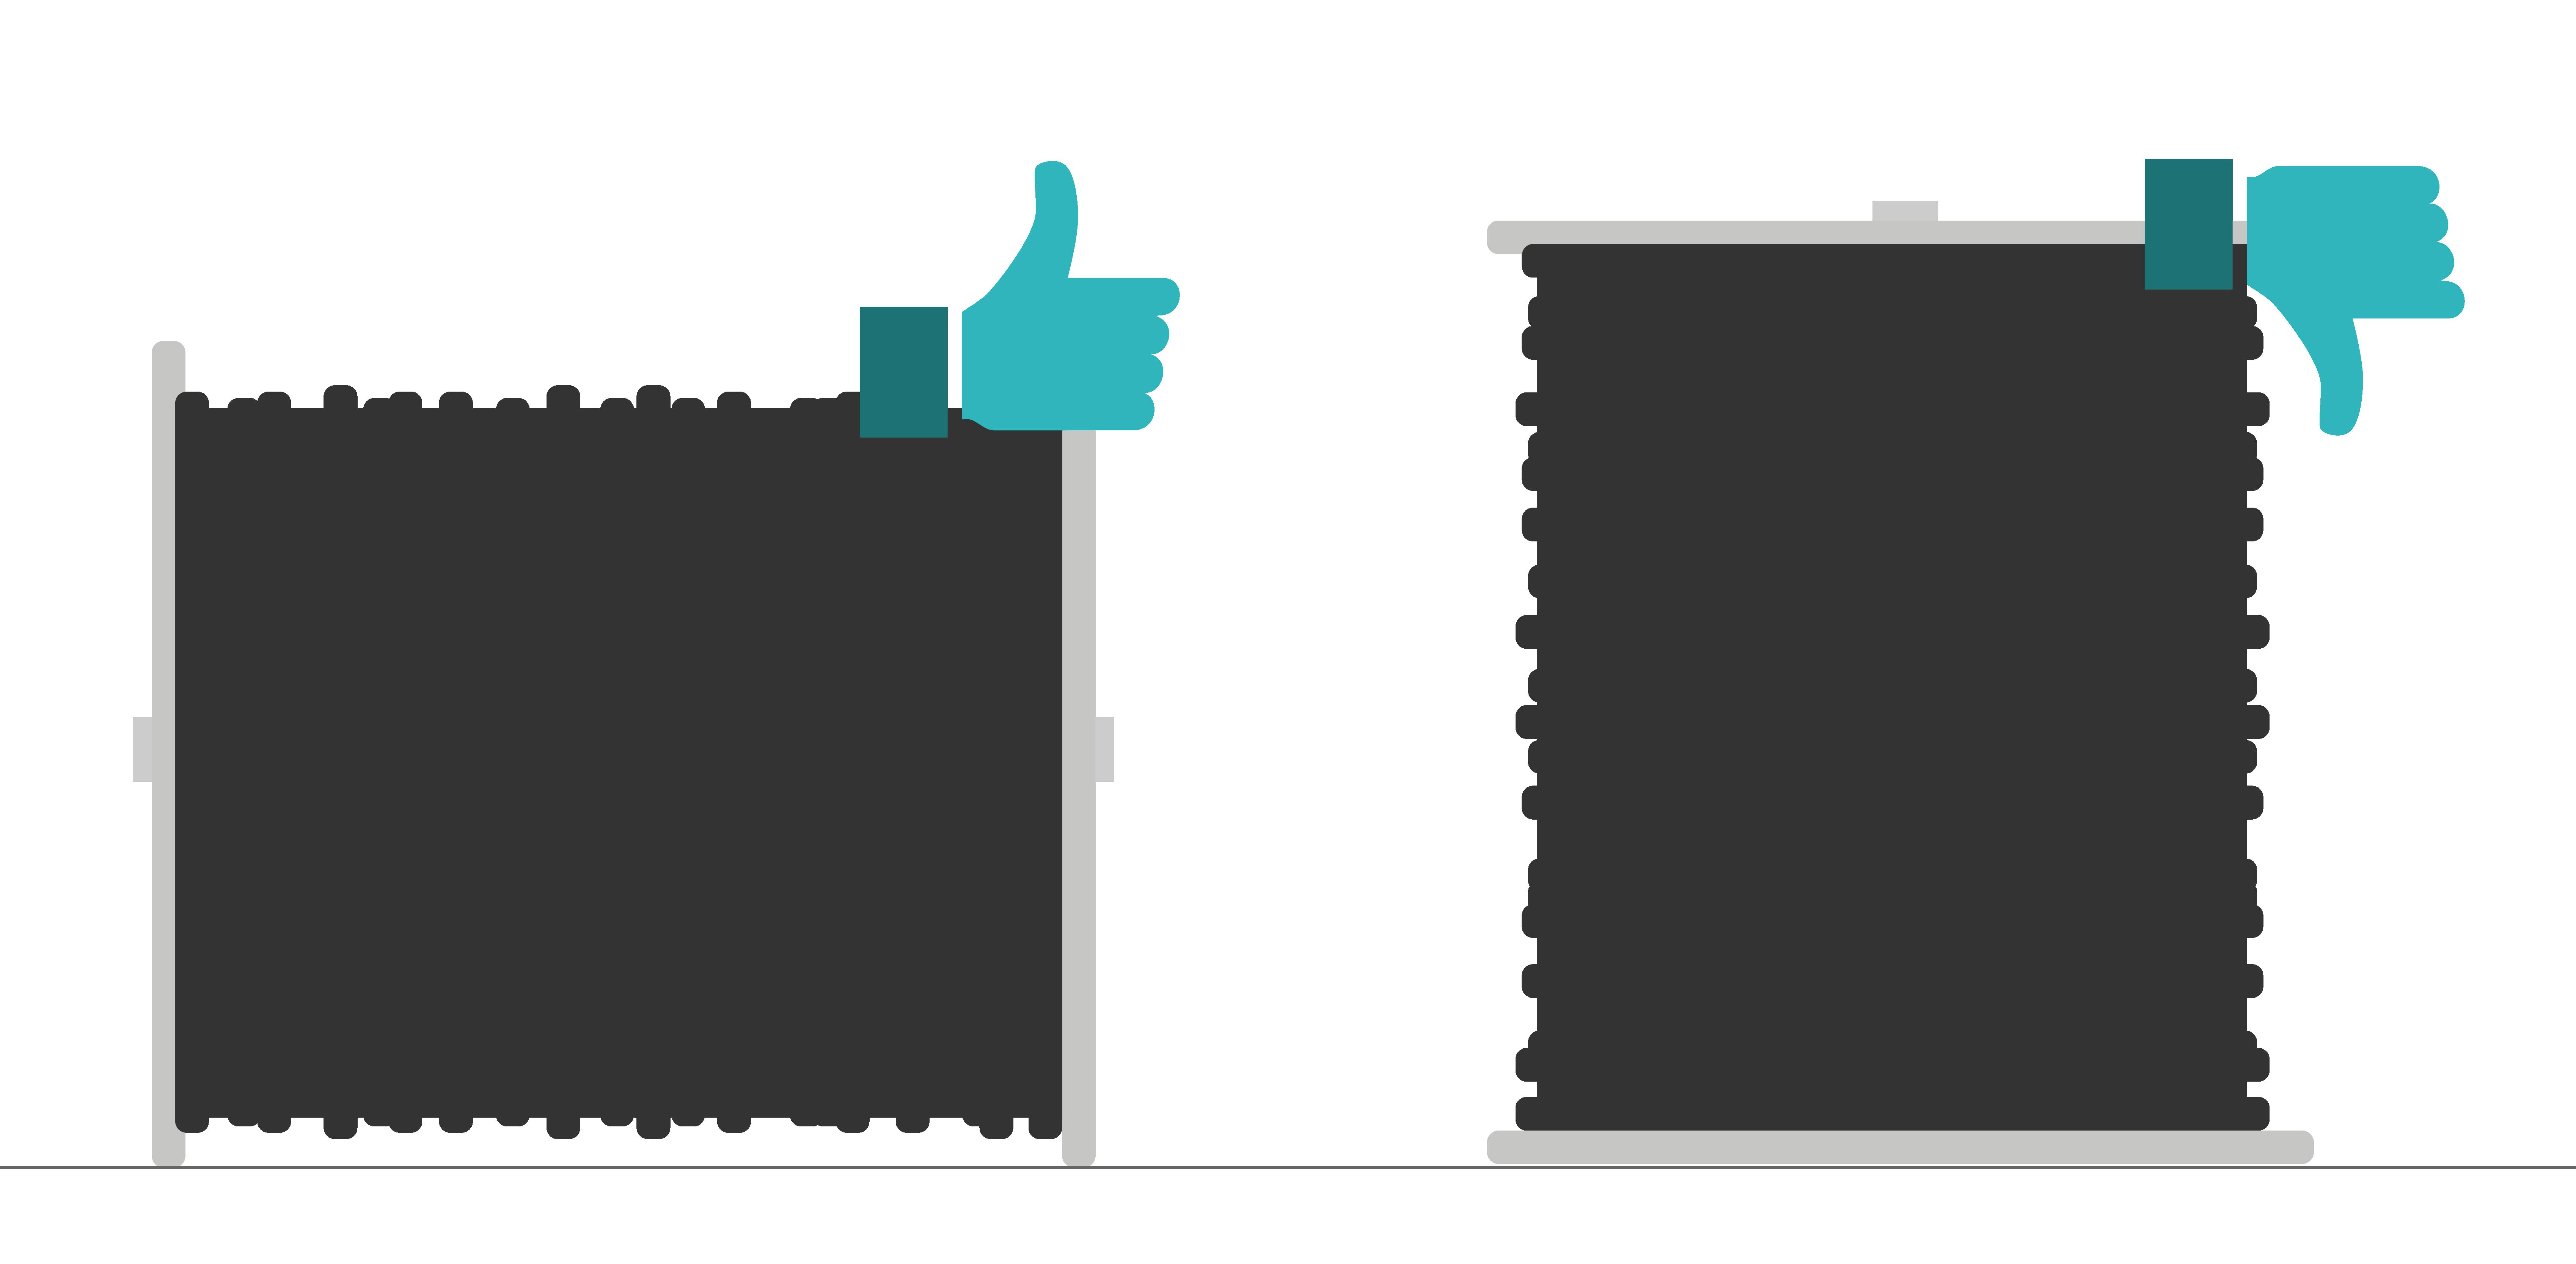 schéma de stockage d'un touret de câble télécoms : la pose horizontale du touret est recommandée